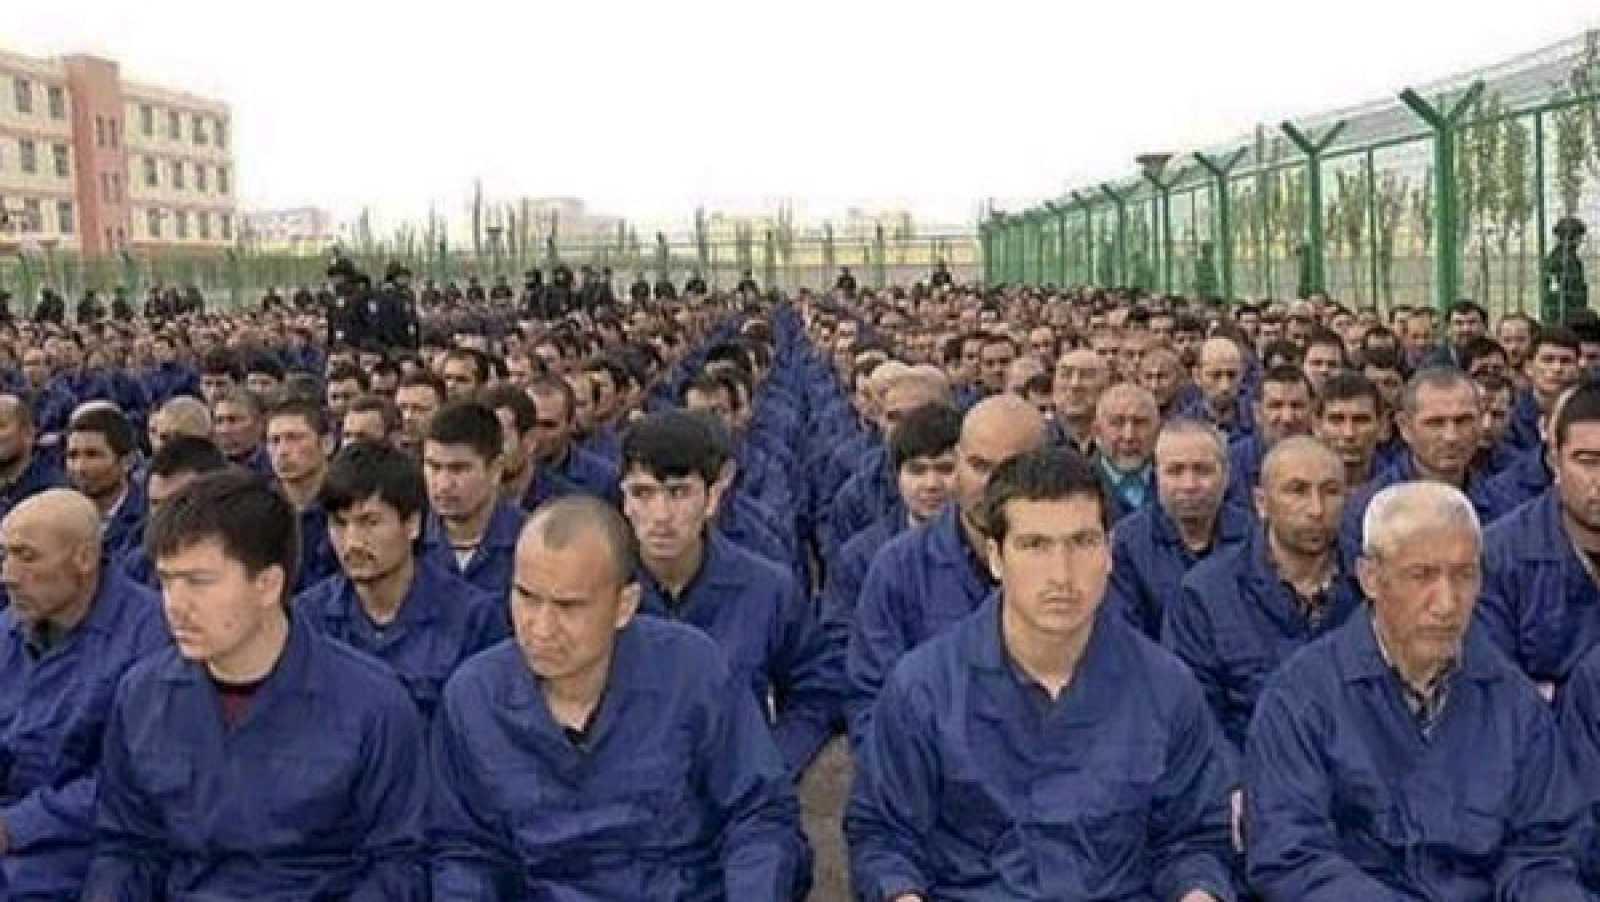 Asia hoy - Campos de concentración en Xinjiang - 25/09/20 - escuchar ahora